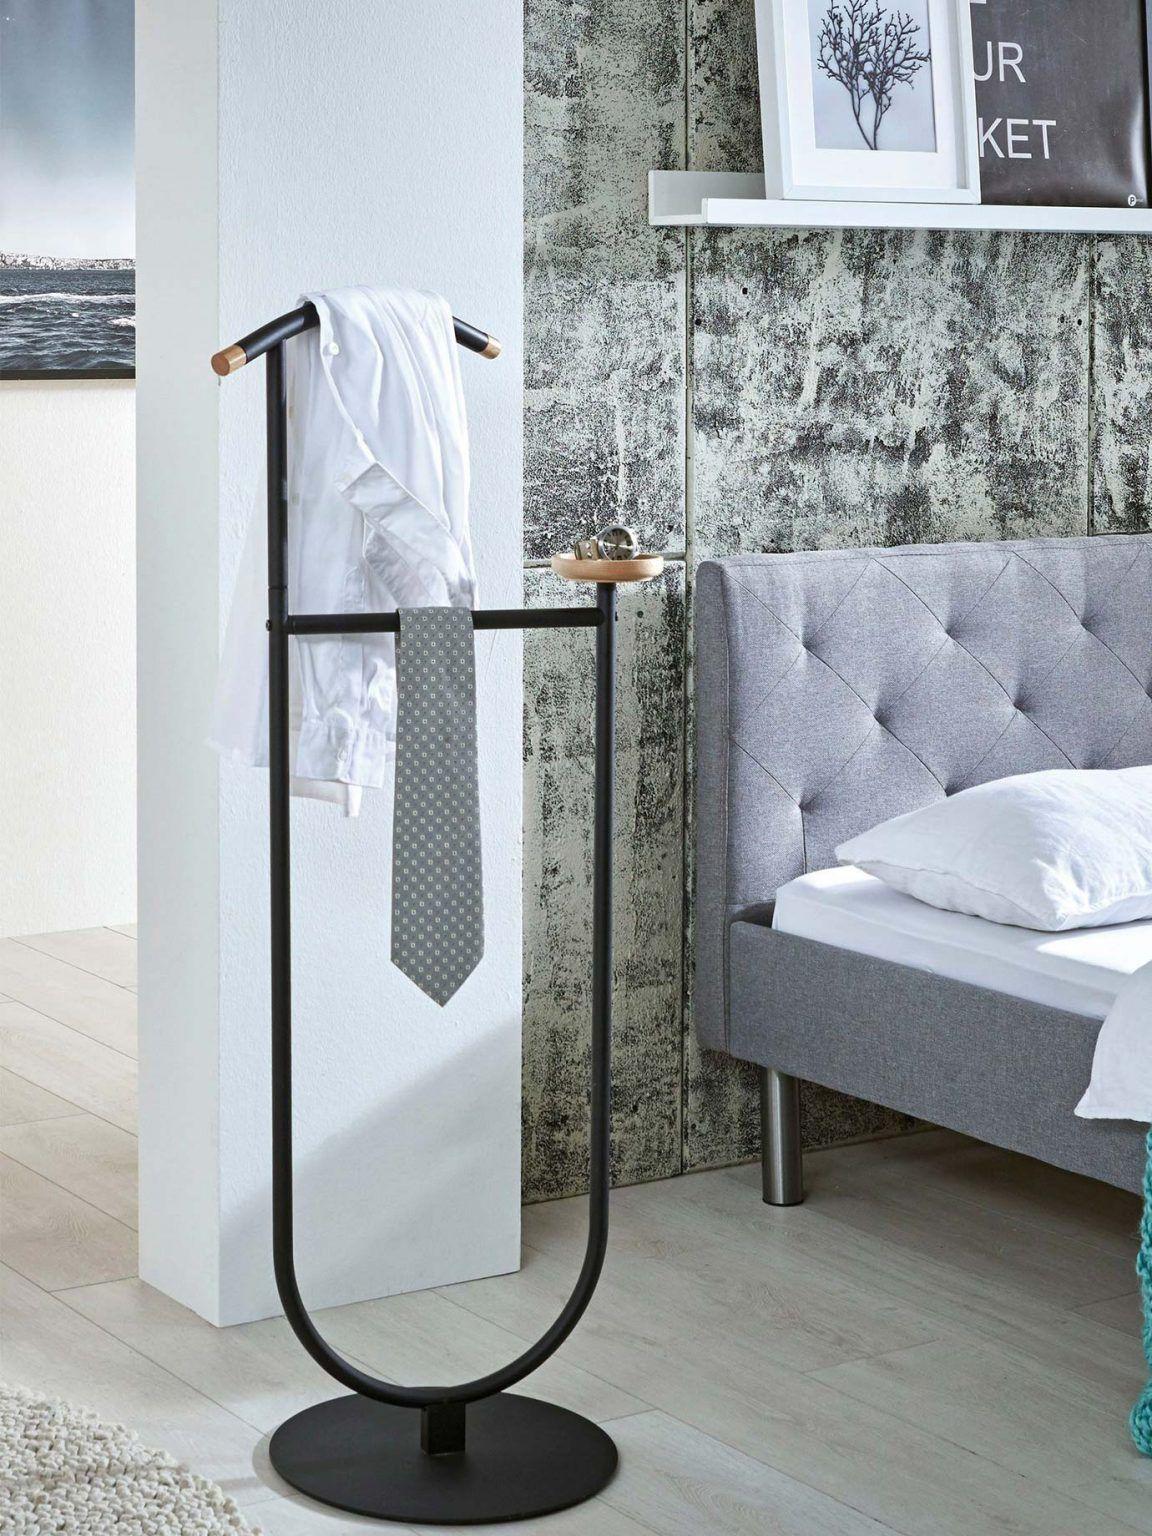 Stummer Diener Kleiderablage Schlafzimmer